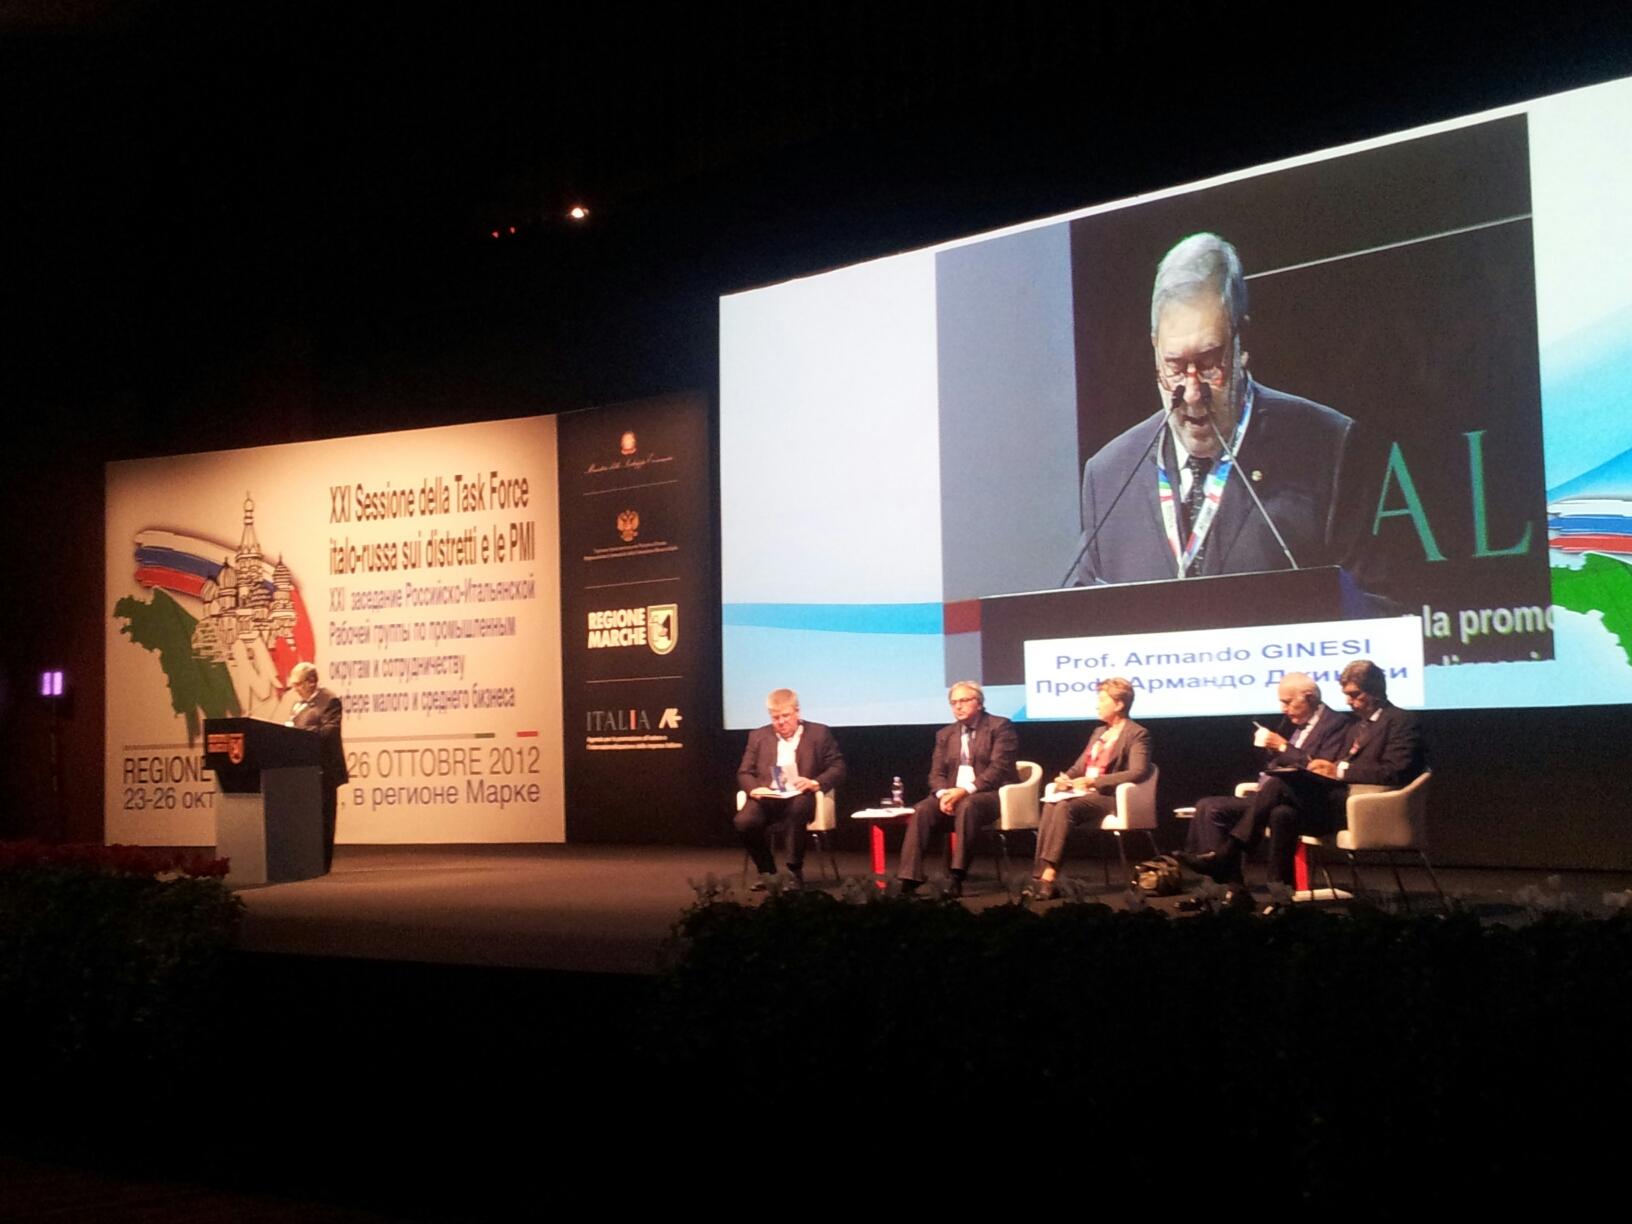 Testo dell'intervento del Console Armando Ginesi alla XXI edizione della Task Force Italo-Russa